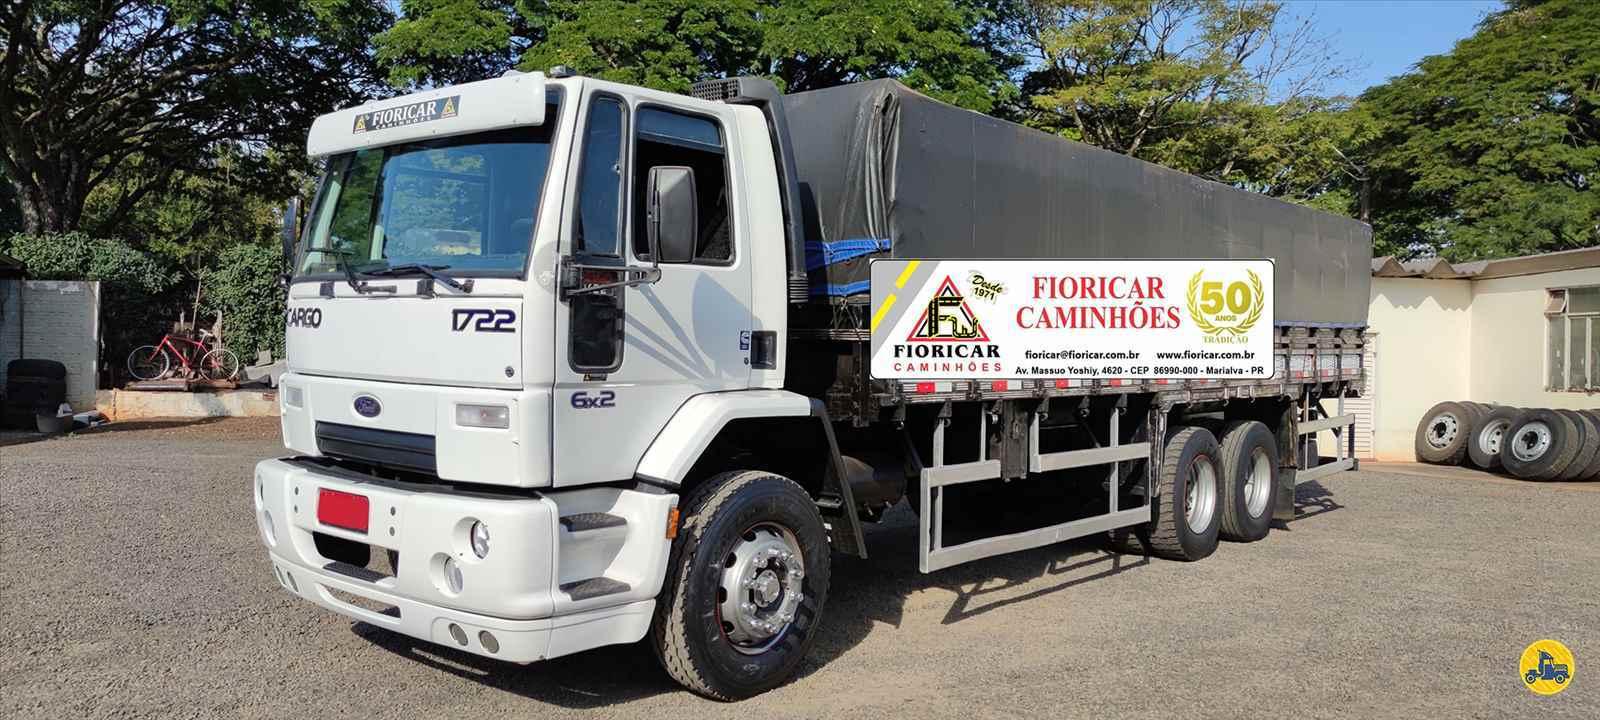 CAMINHAO FORD CARGO 1722 Graneleiro Truck 6x2 Fioricar Caminhões MARIALVA PARANÁ PR